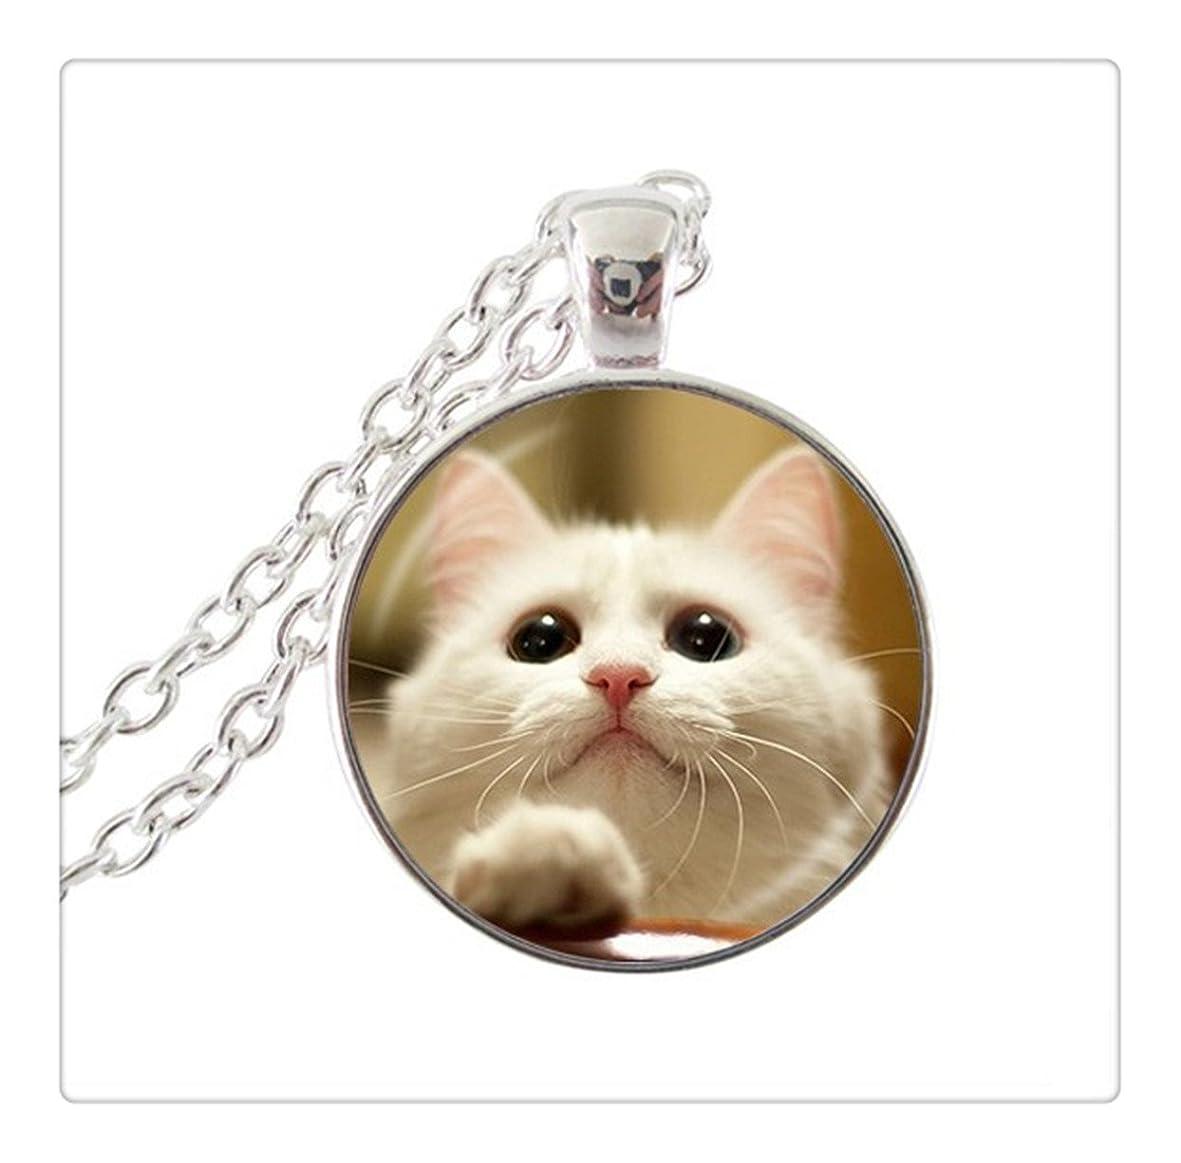 結果として狂気希少性猫のネックレスキティペンダントステートメントネックレス猫のチョーカーネックレスアート絵ガラスカボションネックレスジュエリー